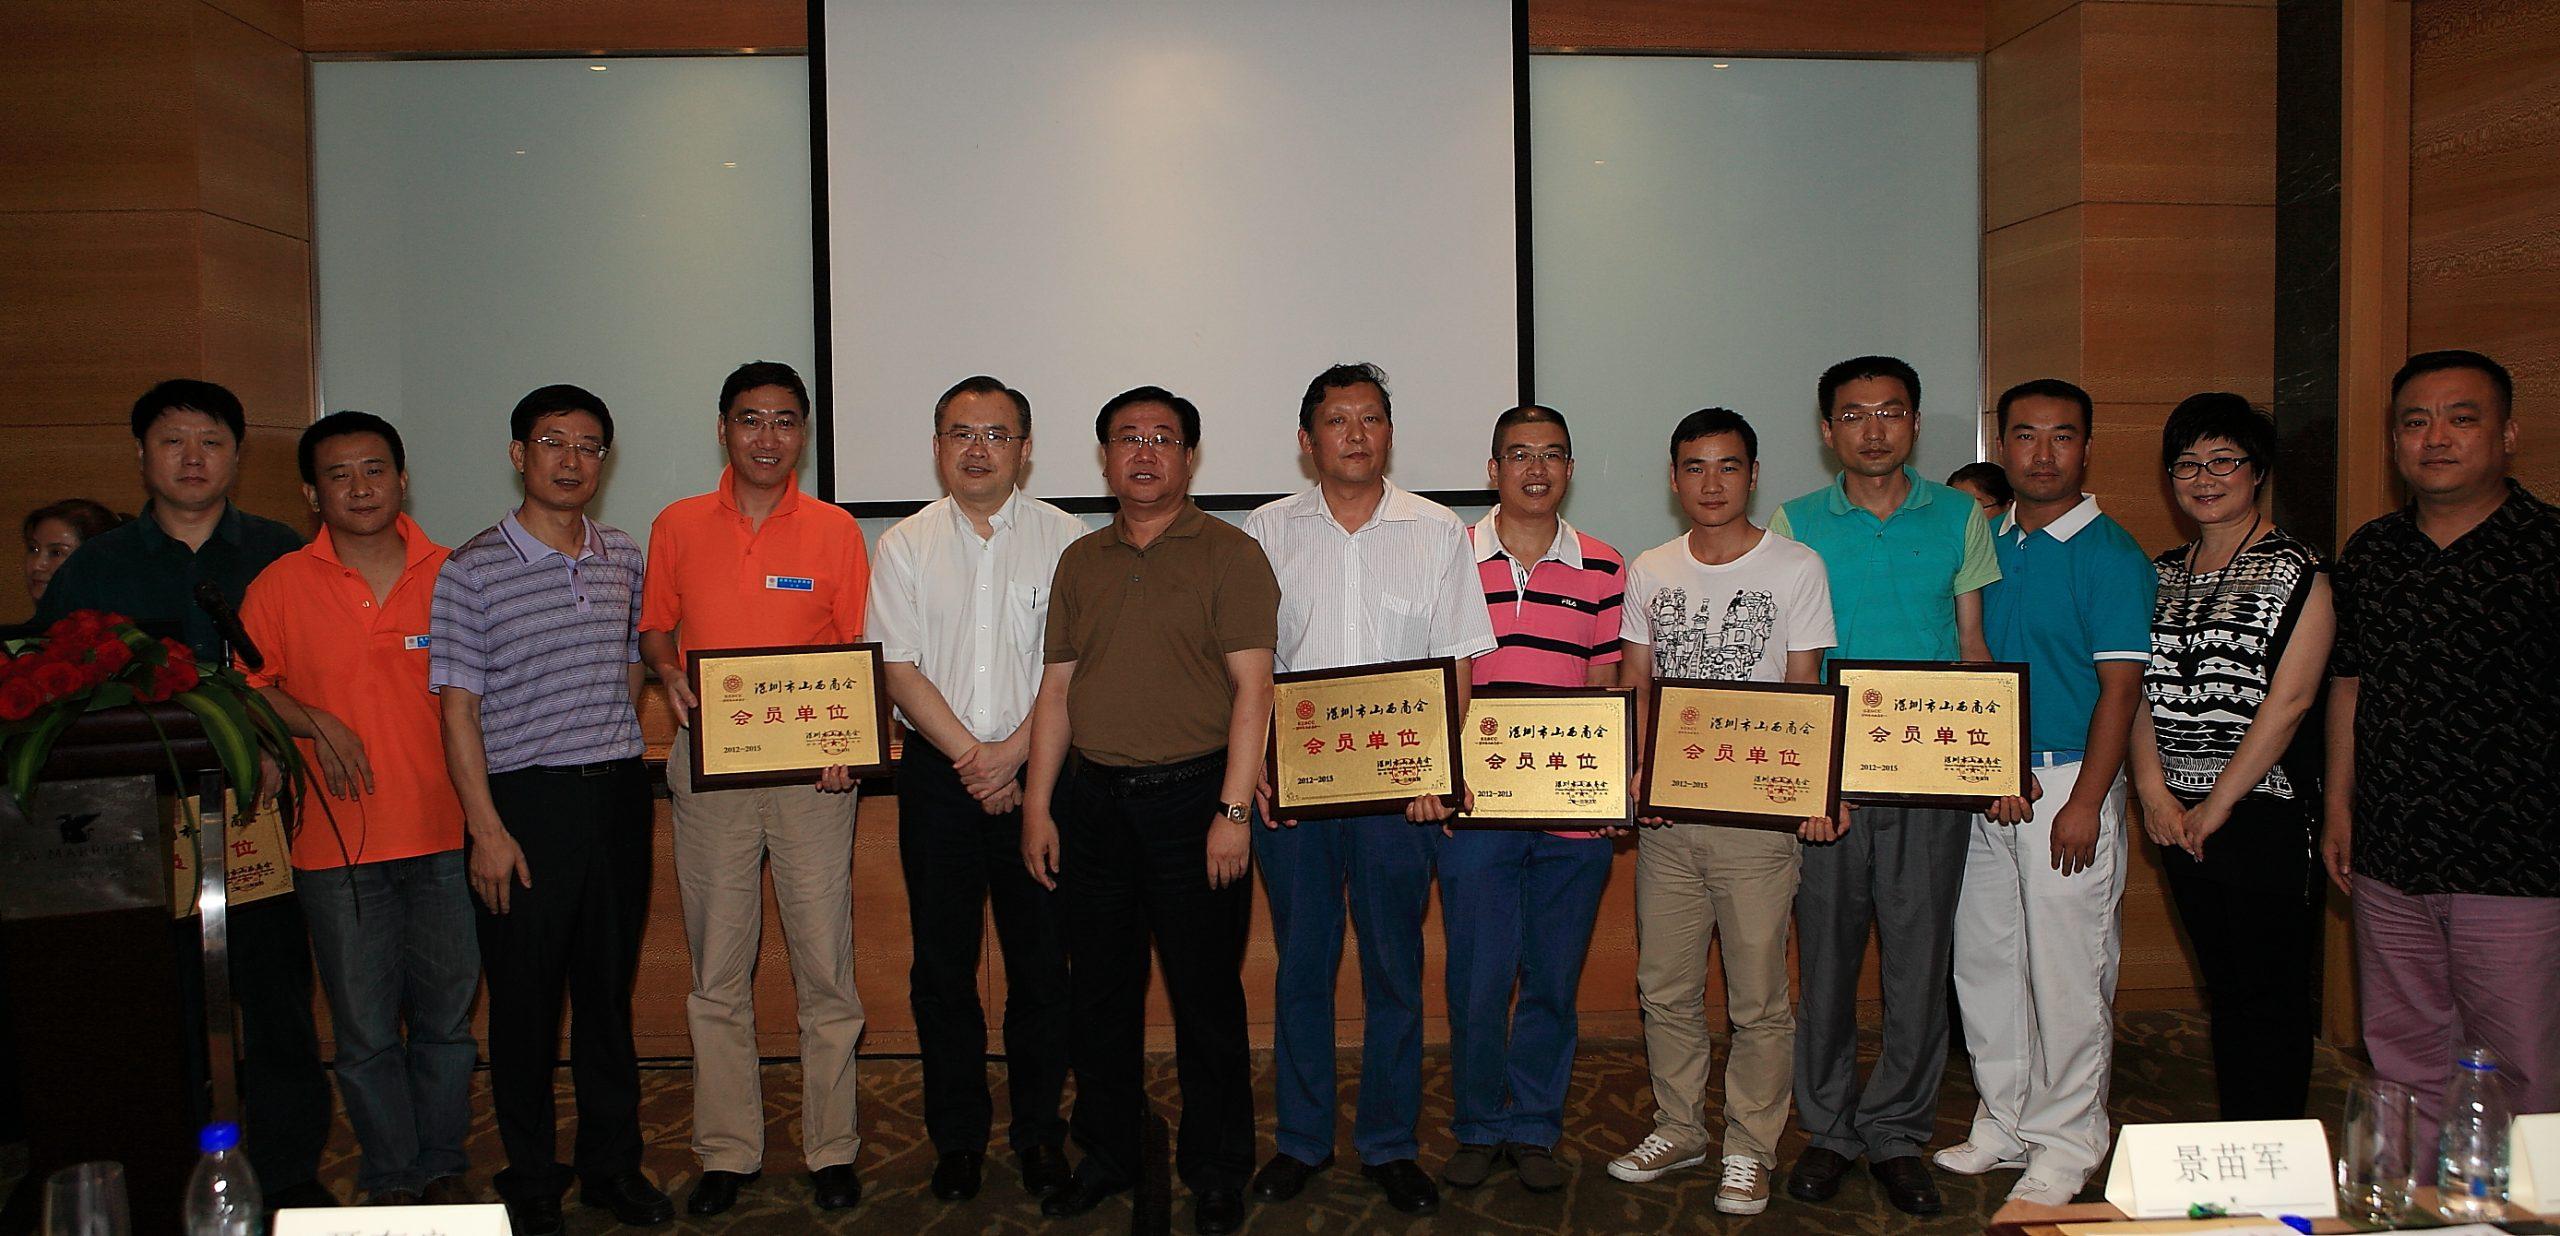 贺深圳市山西商会第三届第二次会员大会圆满结束